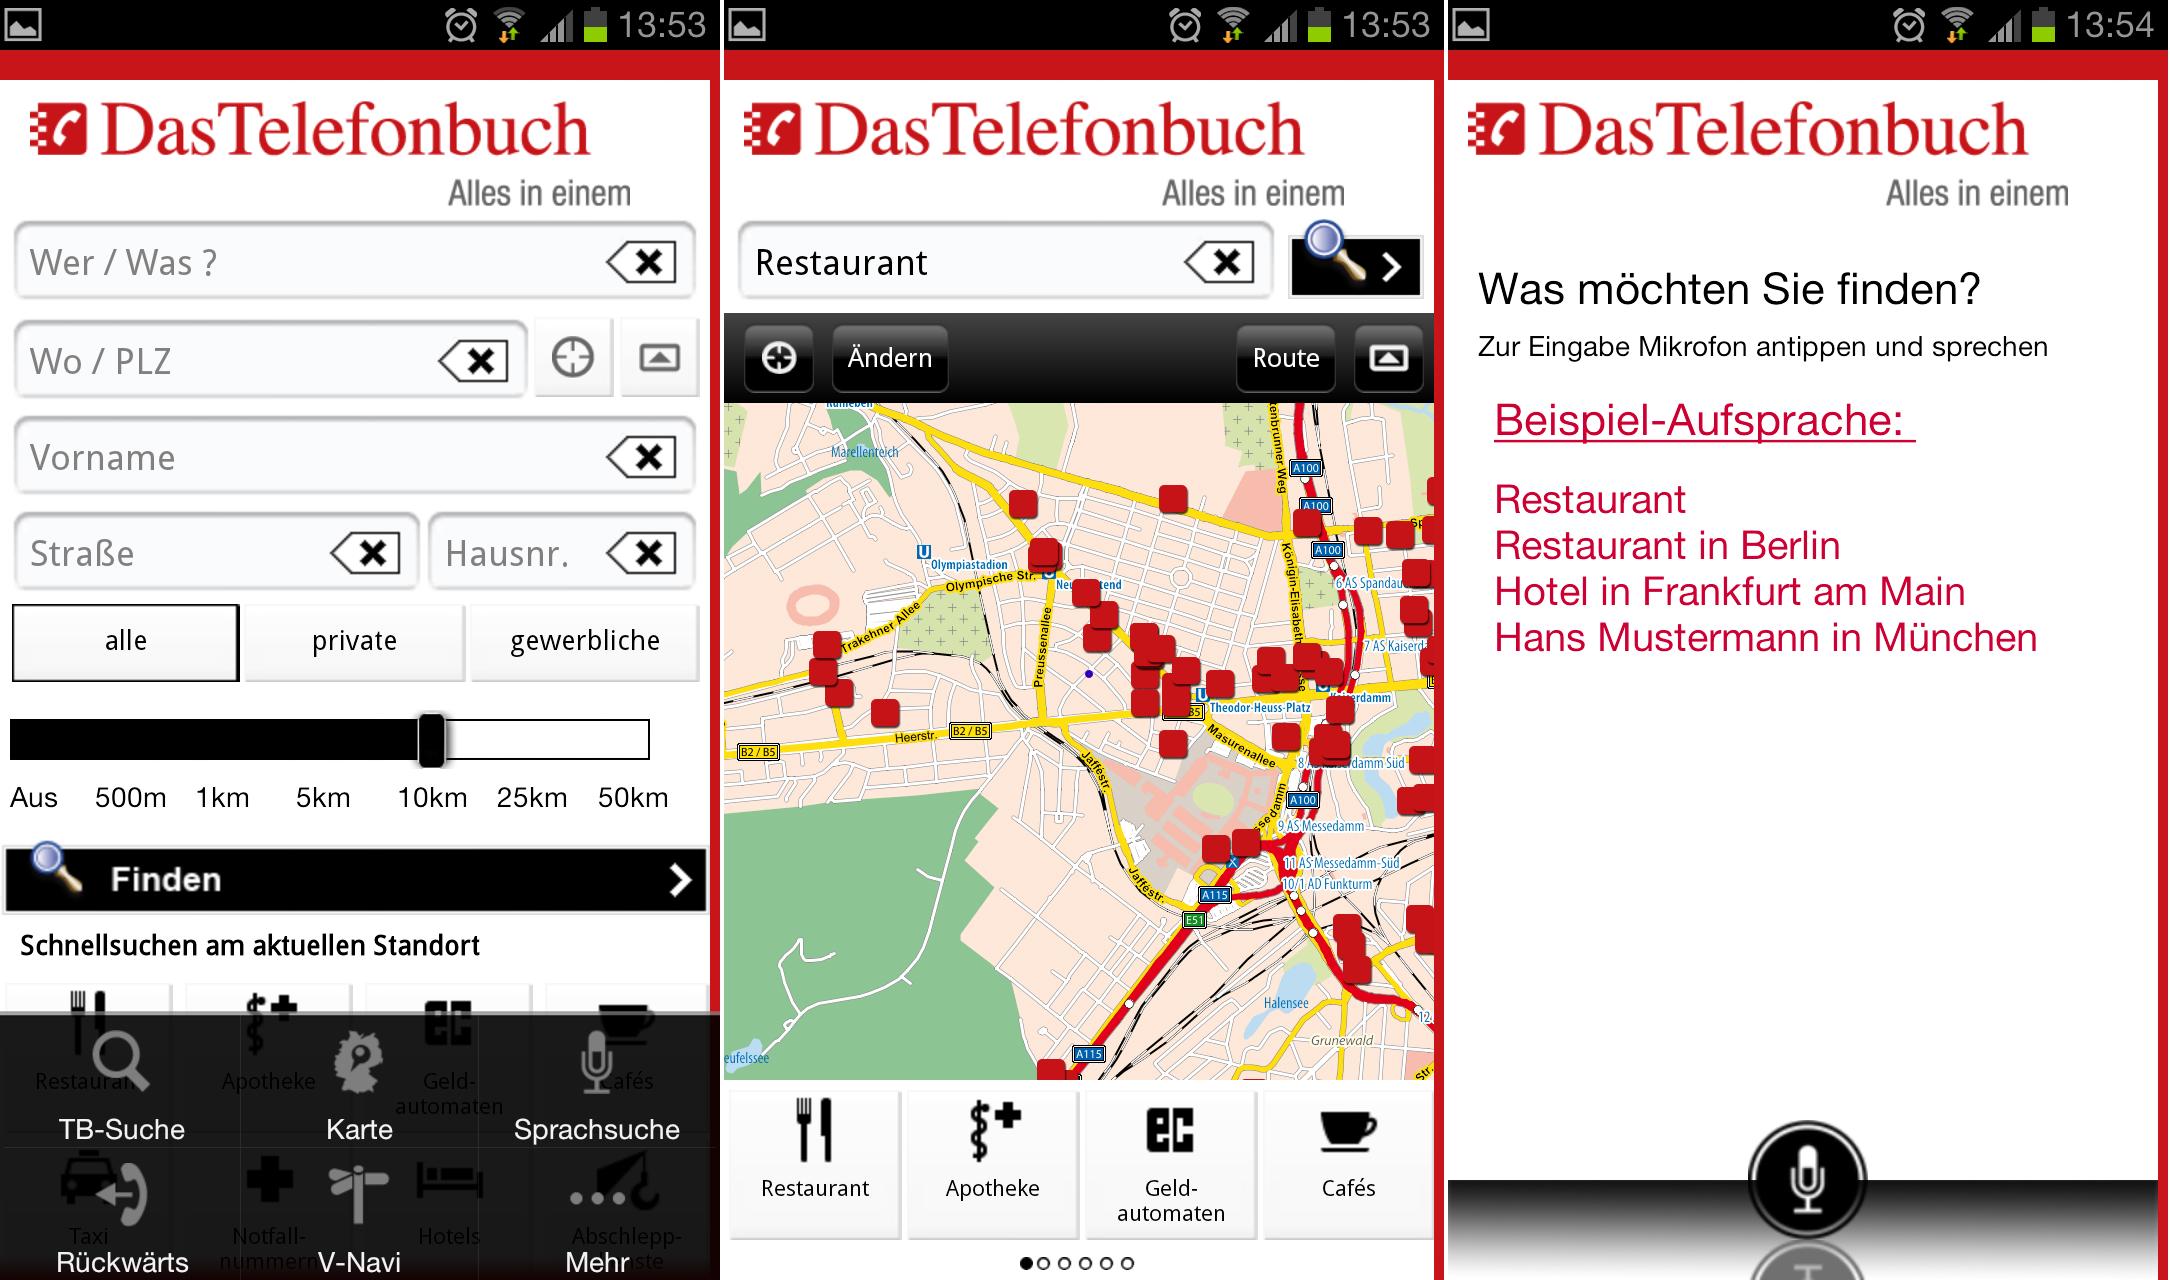 Das Telefonbuch: Nummern- und Adressverzeichnis als Android-App – GIGA